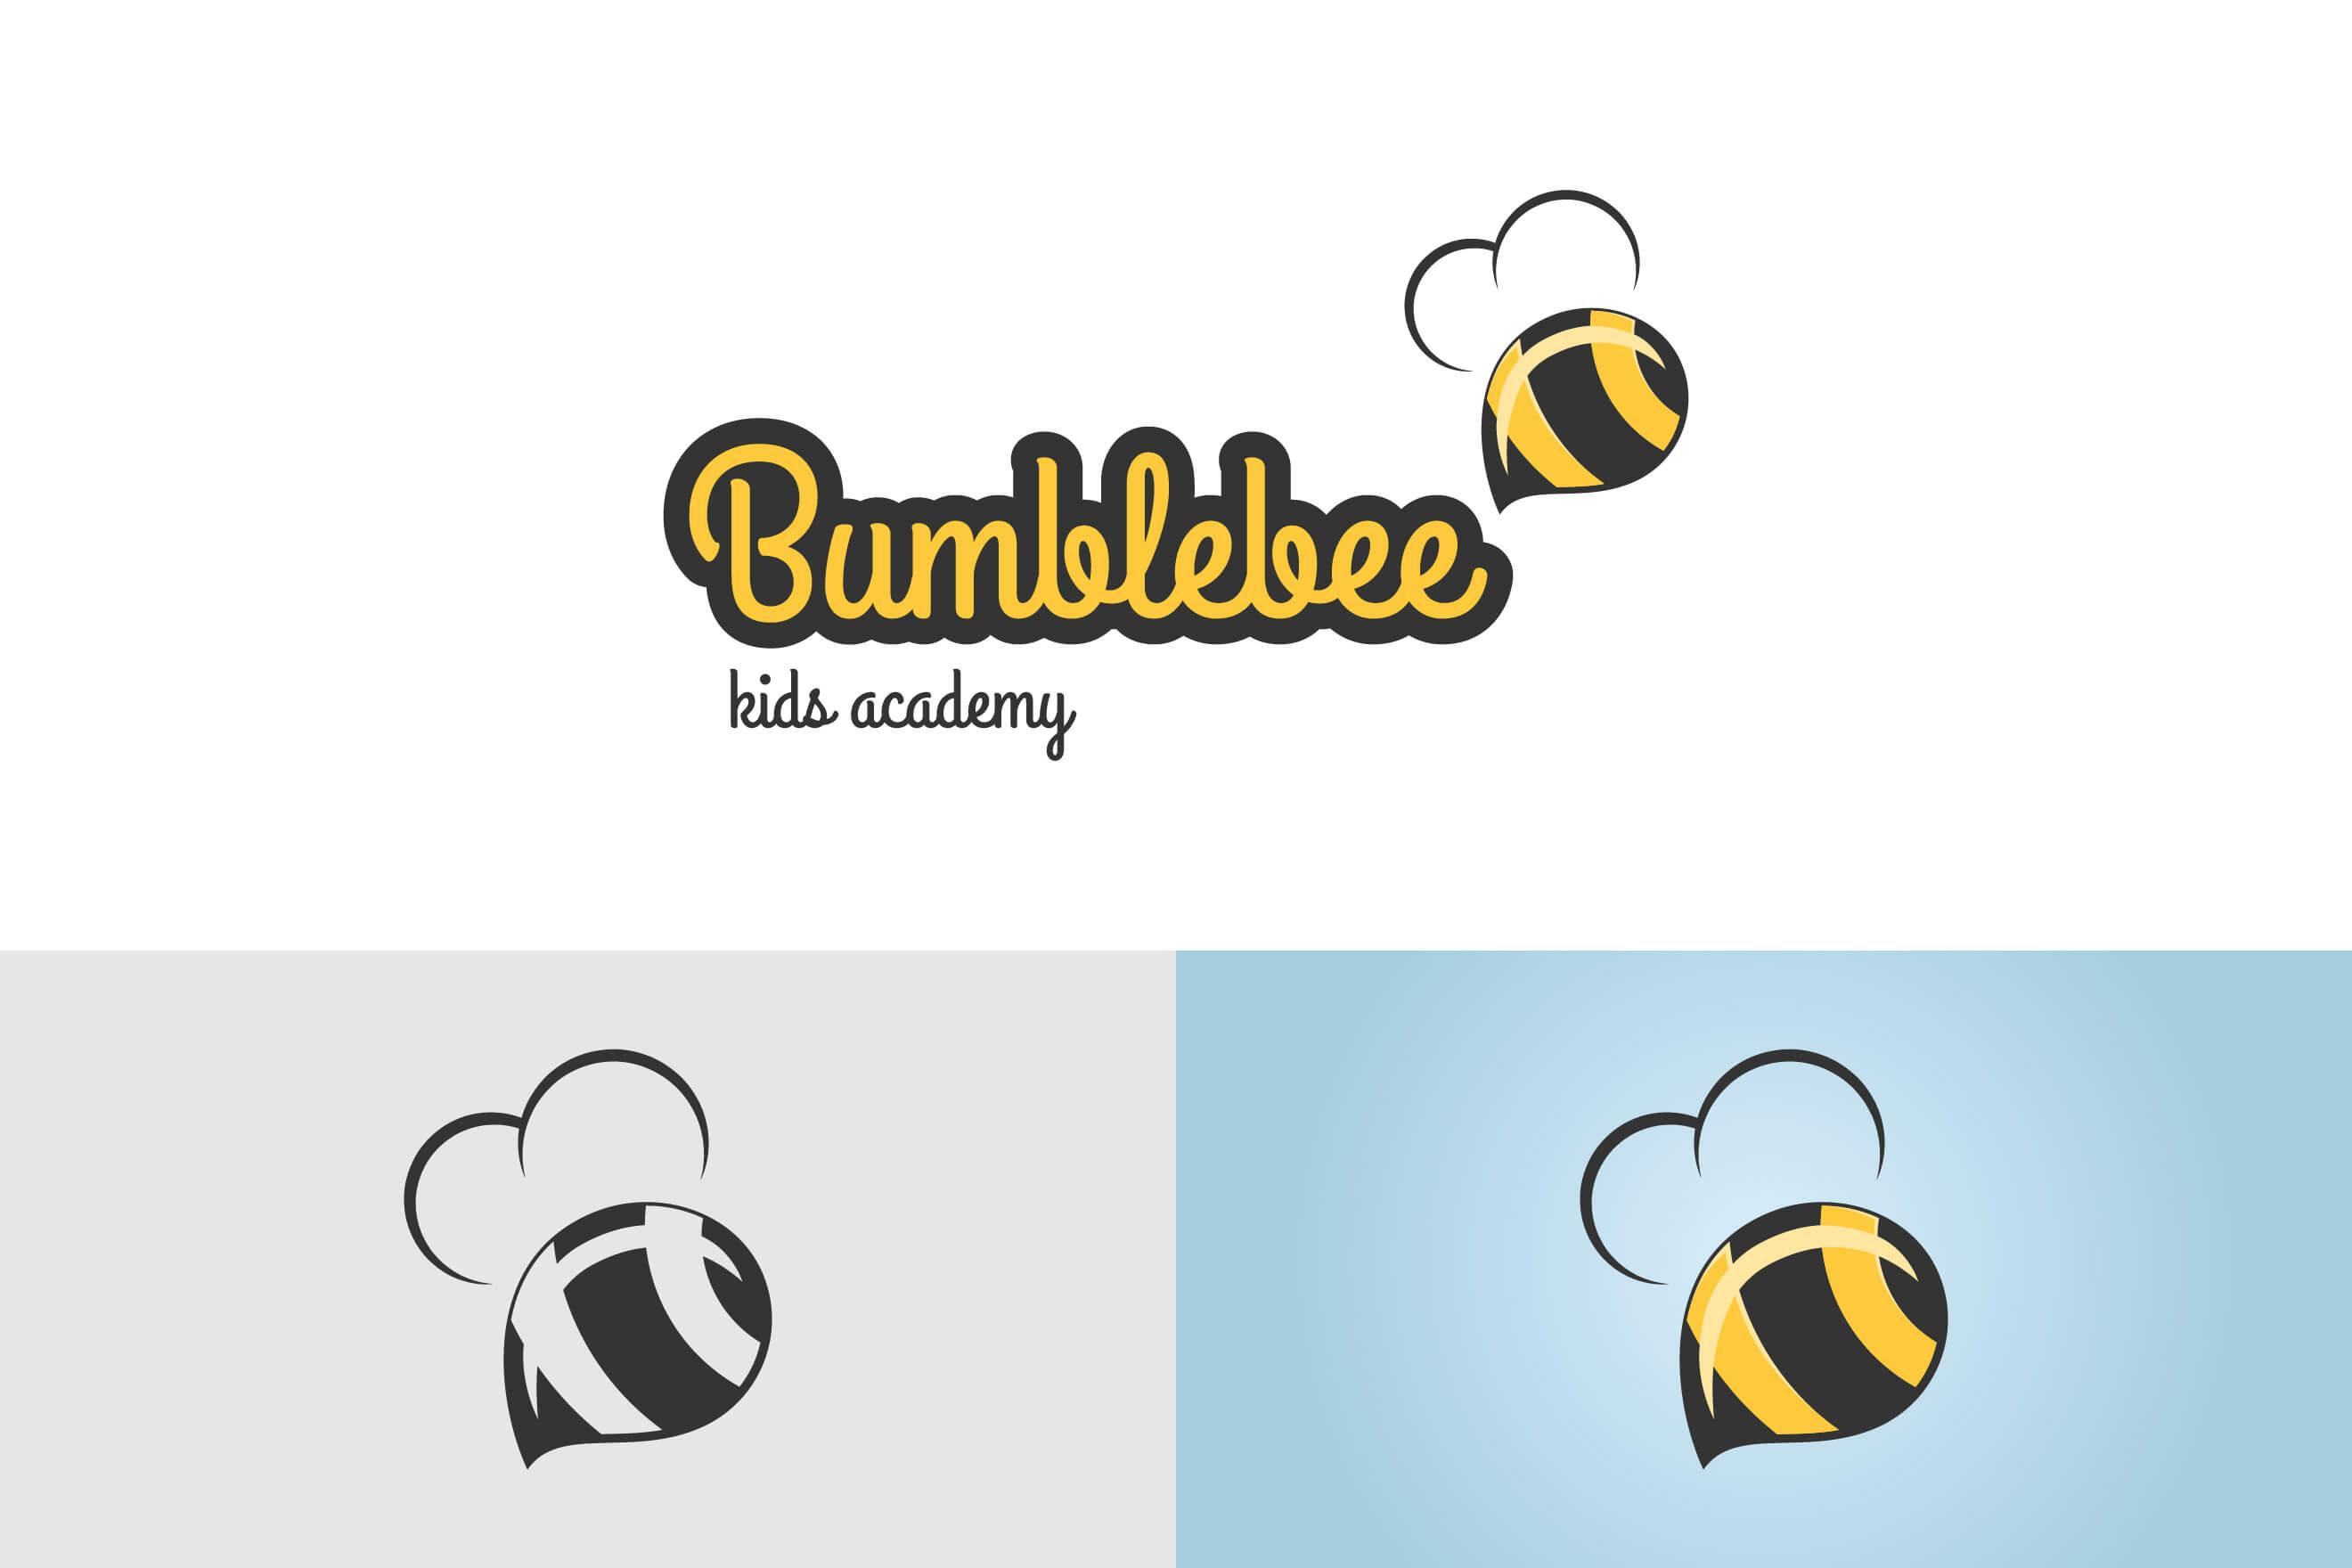 logo design for Bumblebee